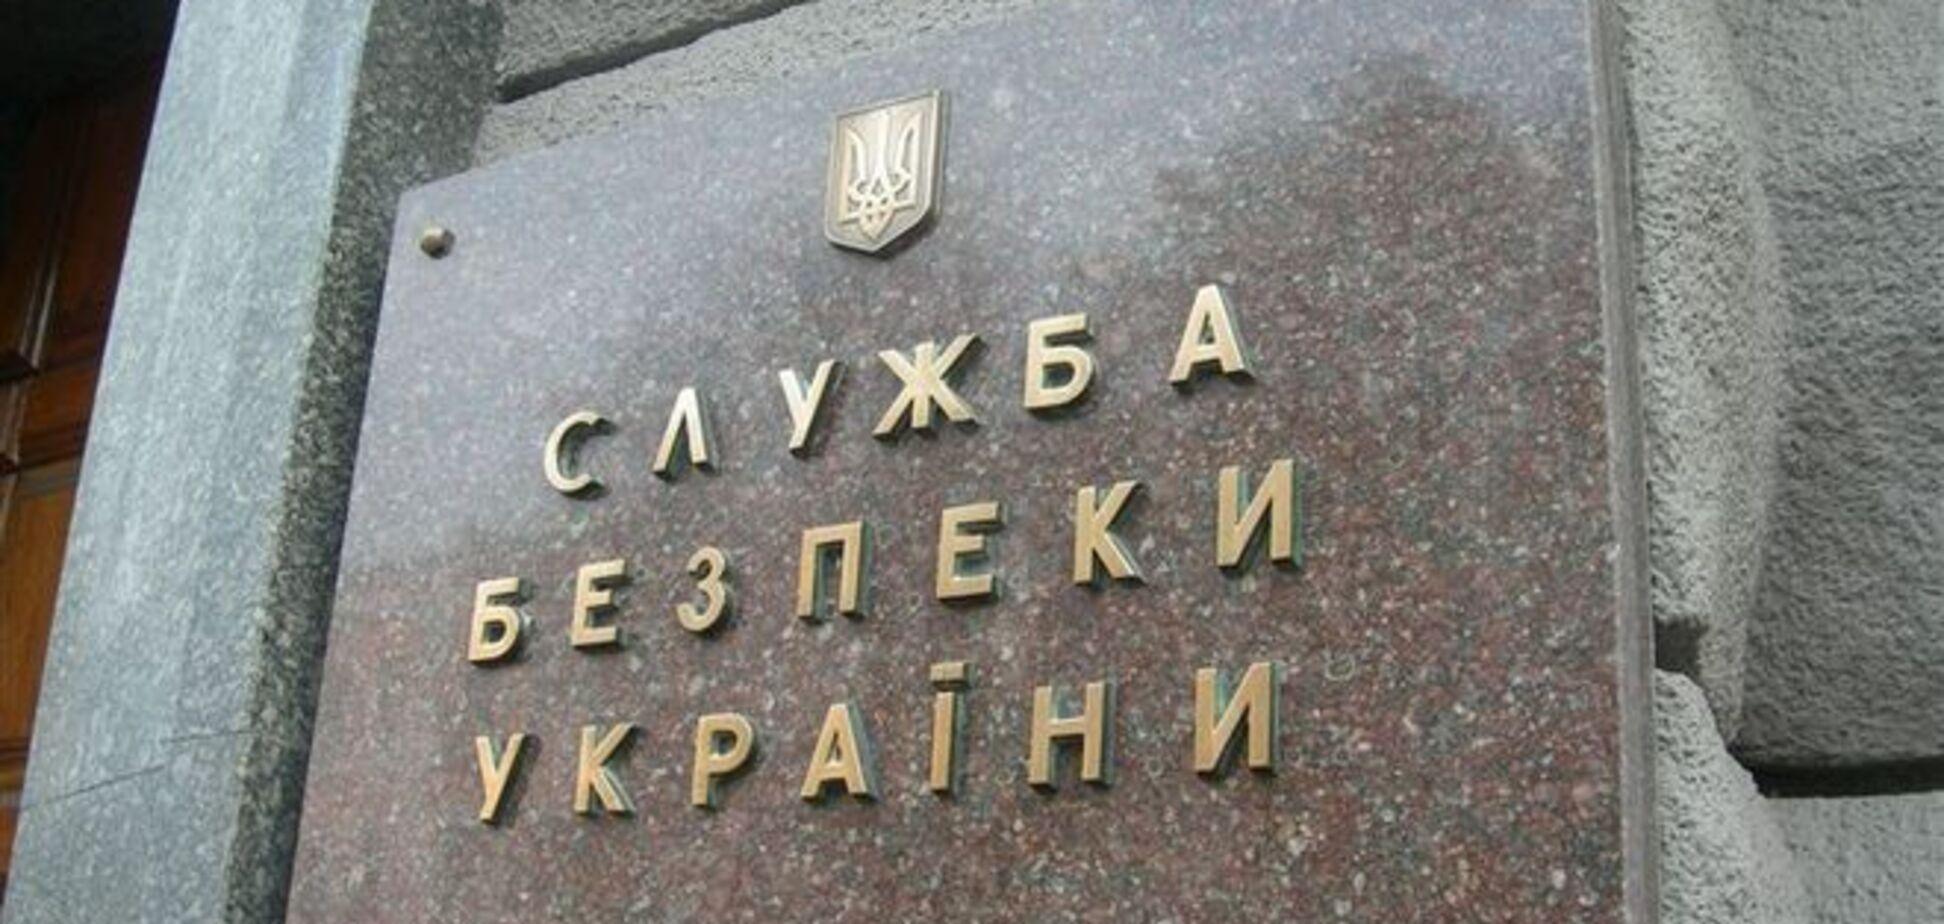 На Днепропетровщине задержан пособник террористов 'ДНР' за подготовку терактов